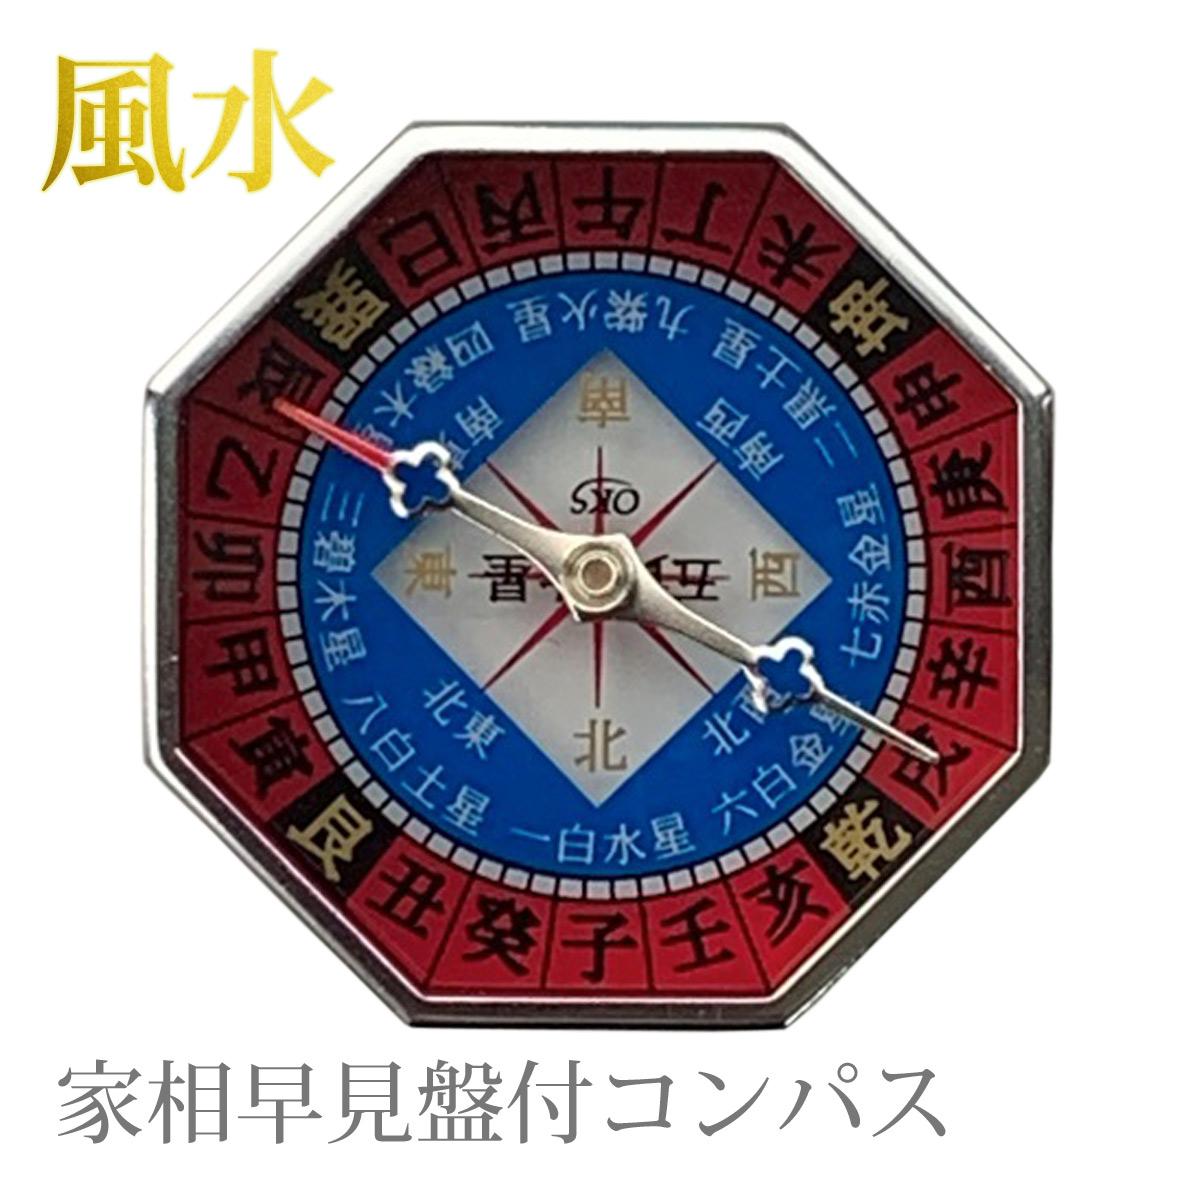 風水 コンパス 方位磁石 家相羅盤付き 8002HK コンパス キャンプ レジャー 登山 方位磁針 アウトドア 防災